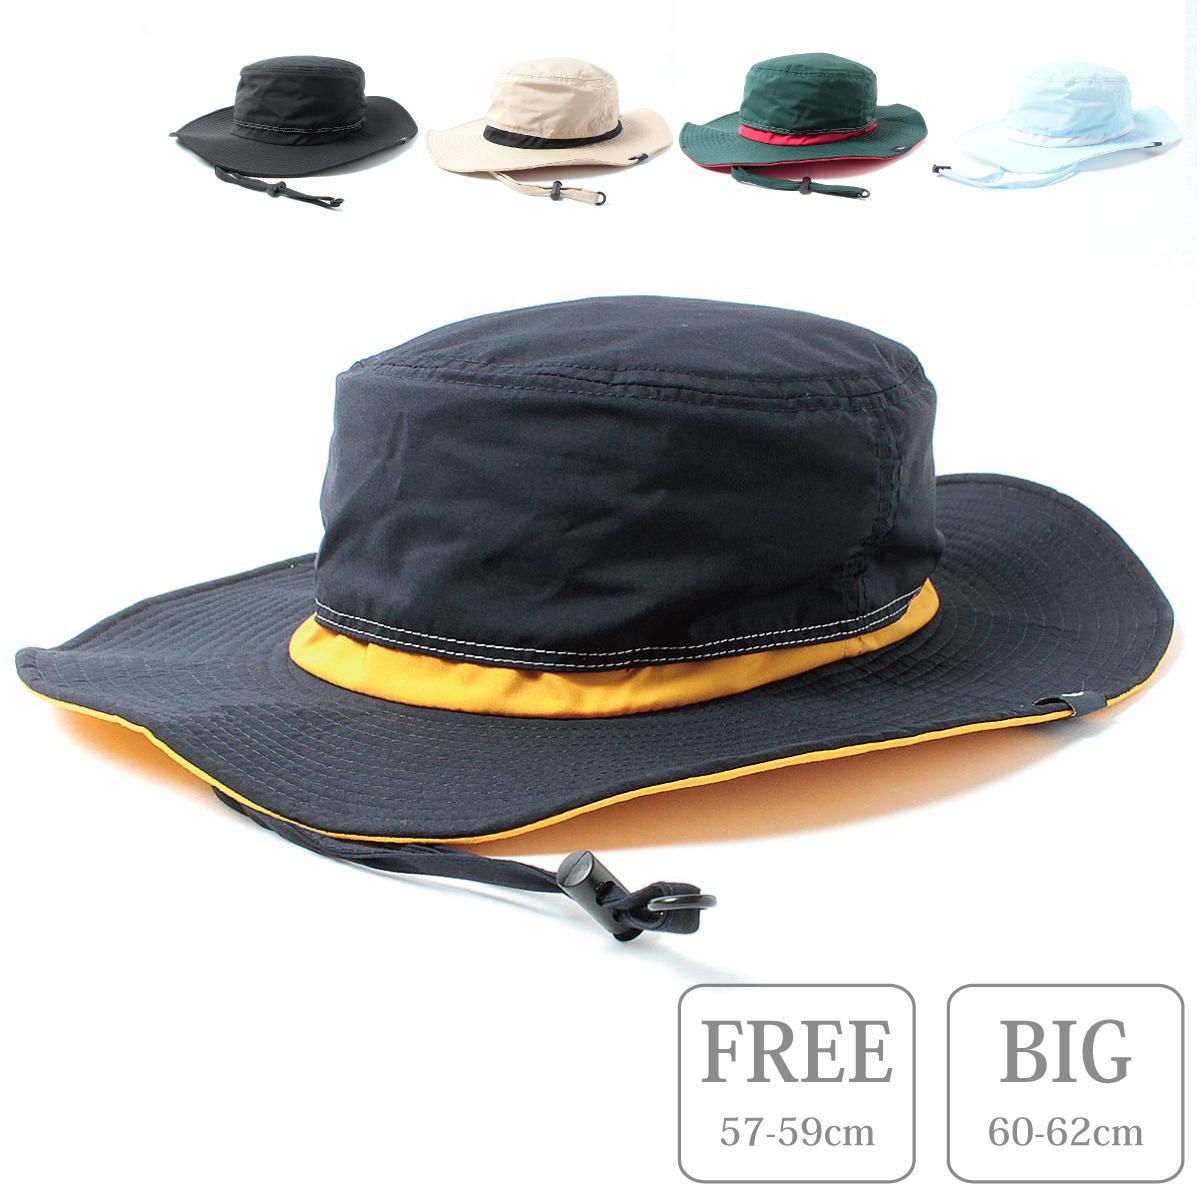 Teflon Safari Hatをもとにアップデートした機能性 帽子 テフロン サファリハット 2 最高はっ水基準5級取得 UV メンズ レディース アウトドア サーフハット レインハット 【大きいサイズ 撥水 防汚】Teflon Safari Hat 2 ベーシックエンチ WEB限定 リバーアップ オリジナル テフロン サファリハット 帽子 メンズ レディース はっ水 レインハット サーフハット アウトドア ゴルフ 雨用 春夏 夏用 紫外線 UV 折りたたみ 全5色 2サイズ hb-1761rk